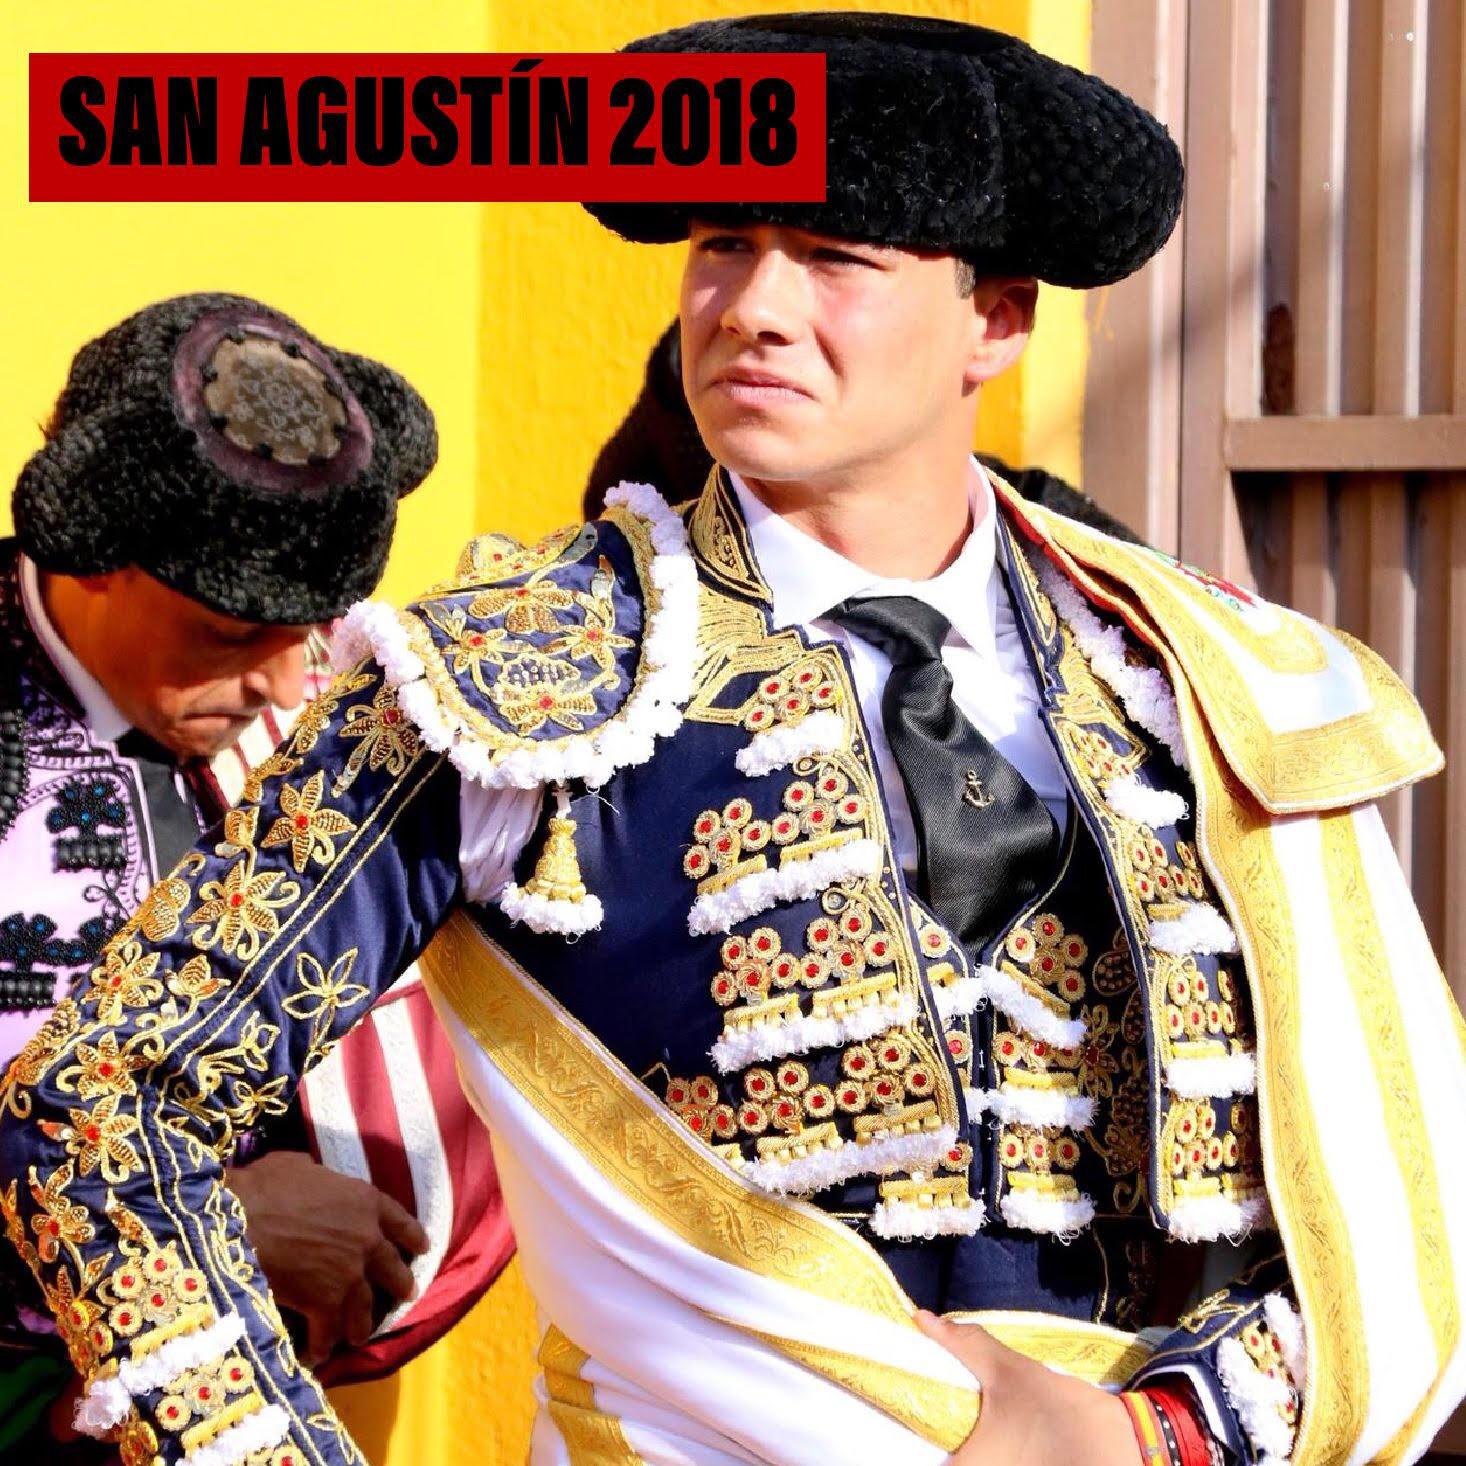 San Agustin 2018